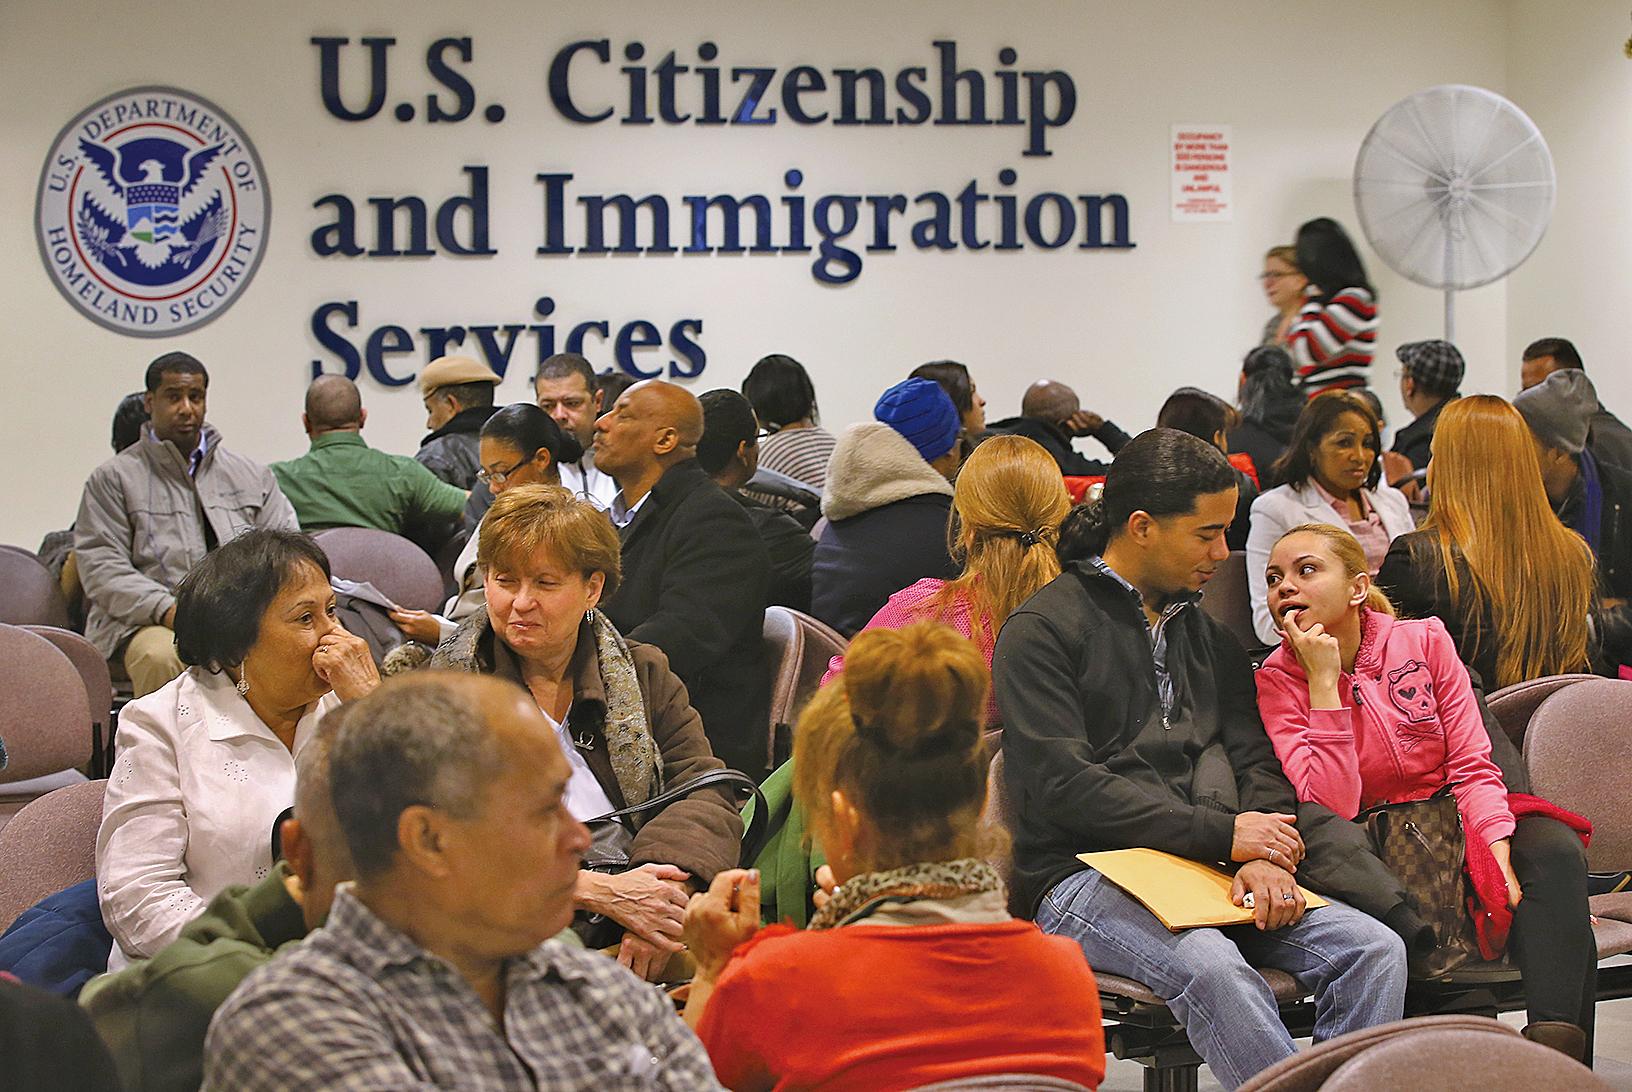 美國聯邦眾議員日前提出一項法案,要求H-1B非移民工作簽證年度限額,排除適用取得美國理工博士學位的外國人。(John Moore/Getty Images)